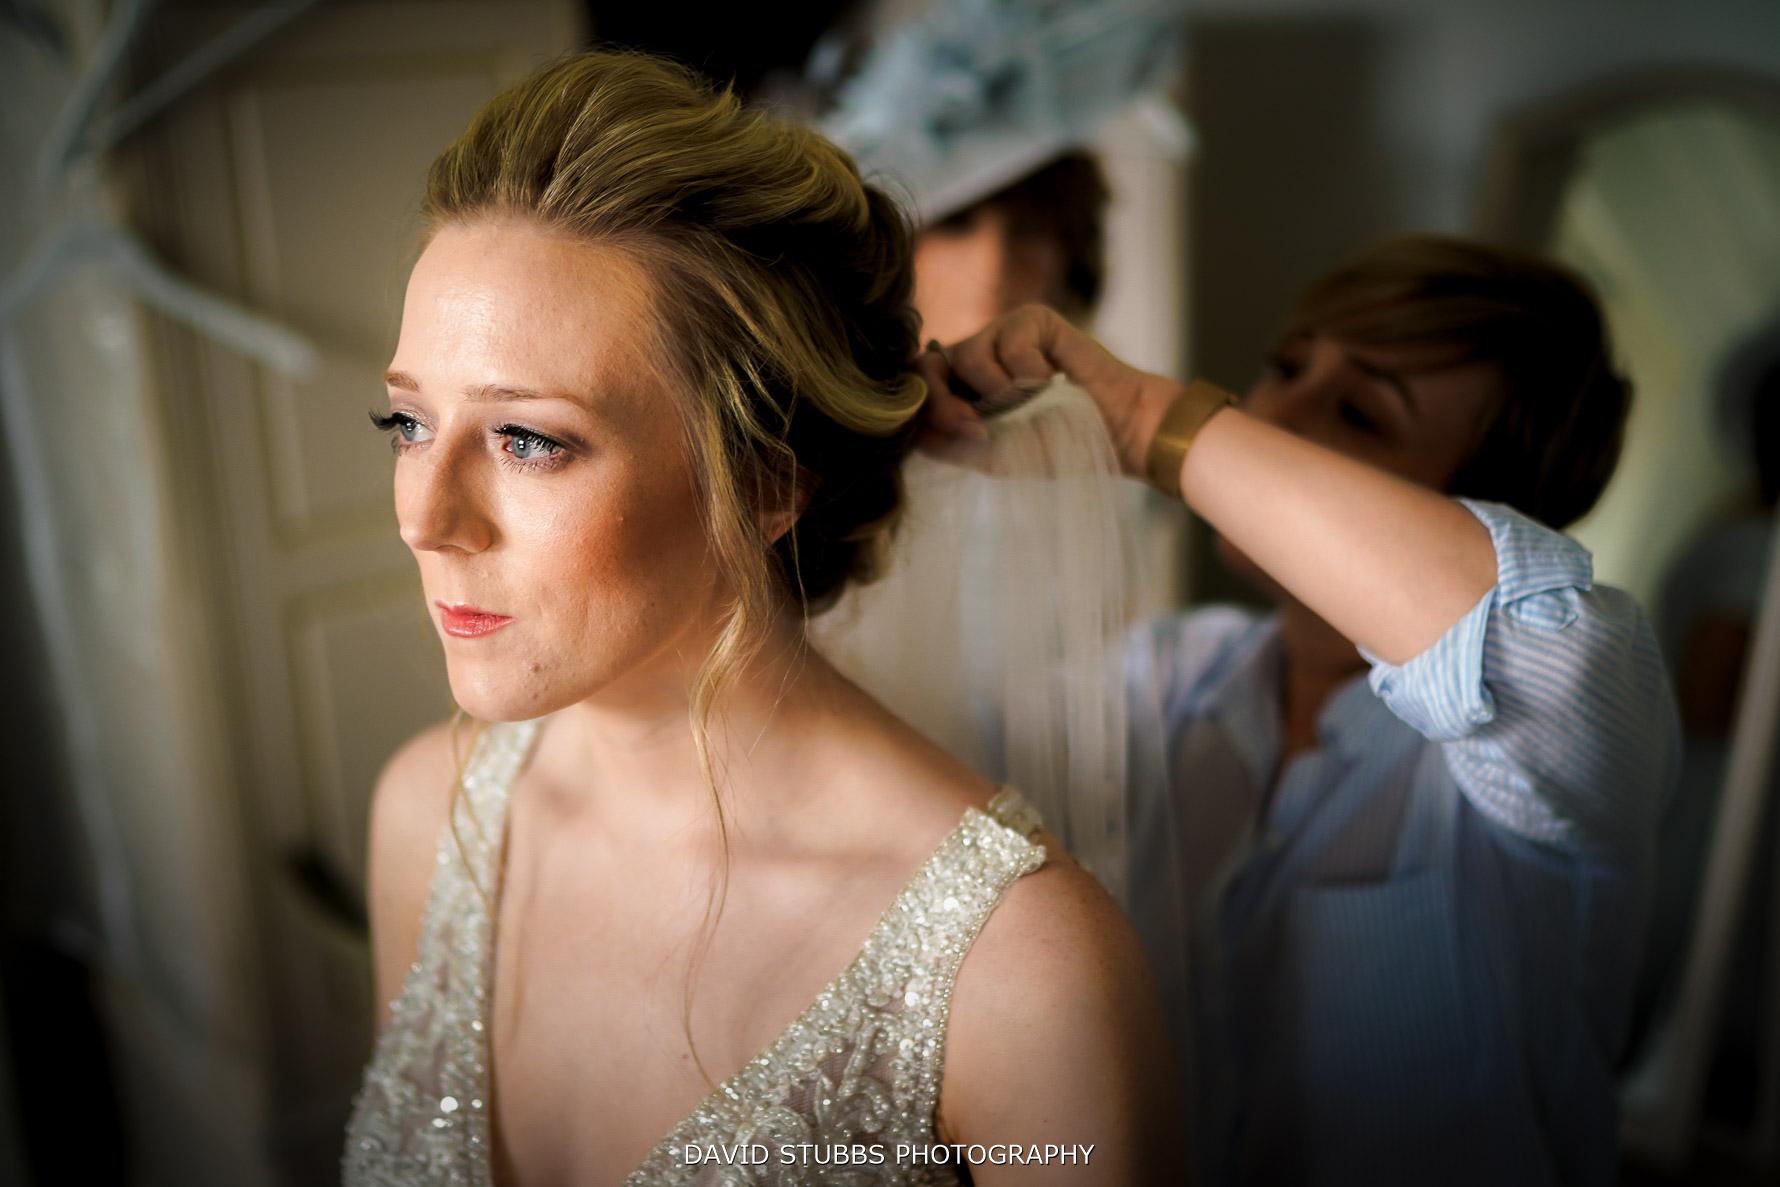 veil being put in brides hair